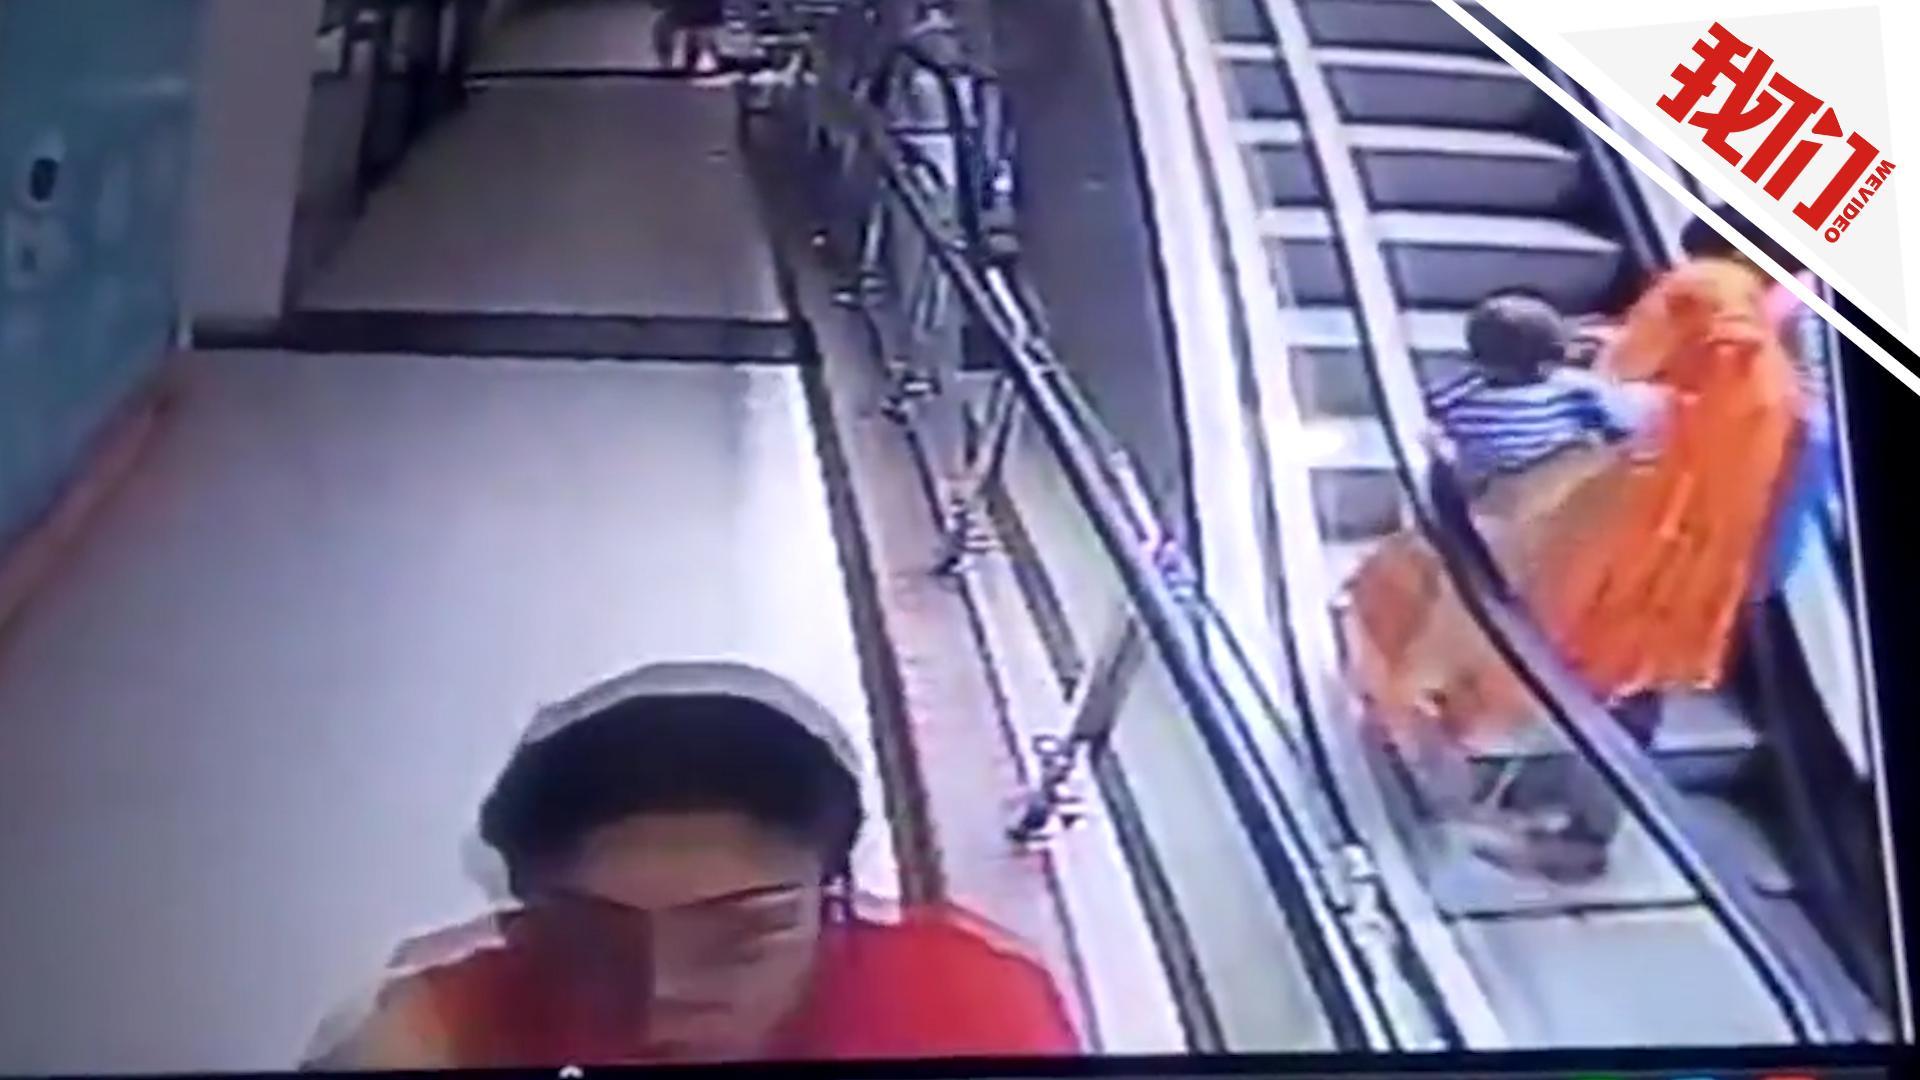 印度父母电梯上忙自拍 怀中女婴不慎摔下三楼死